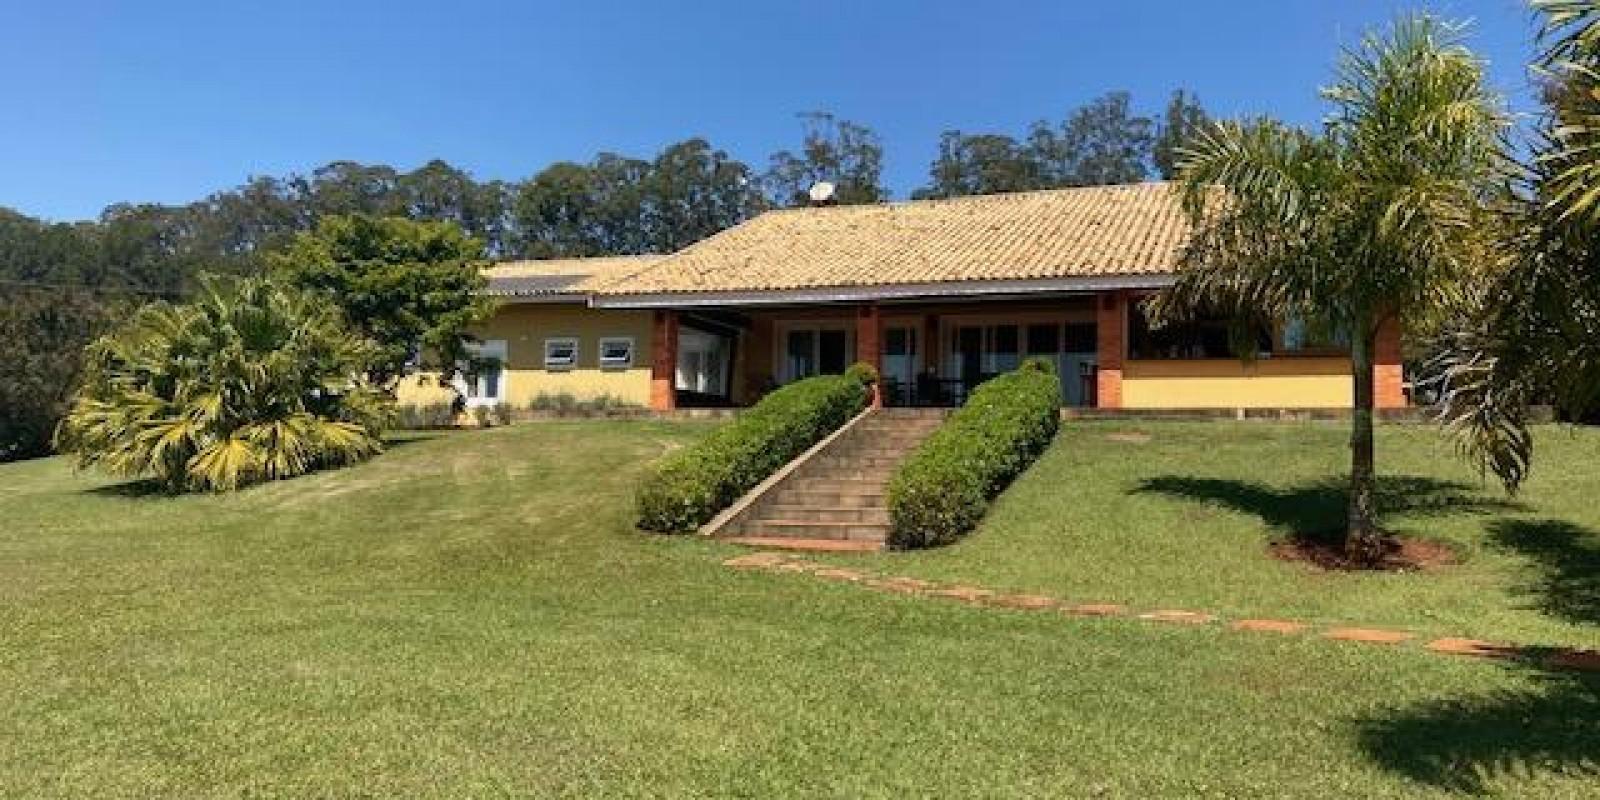 Casa na Represa no Condomínio Parque Náutico em Avaré SP  - Foto 14 de 57